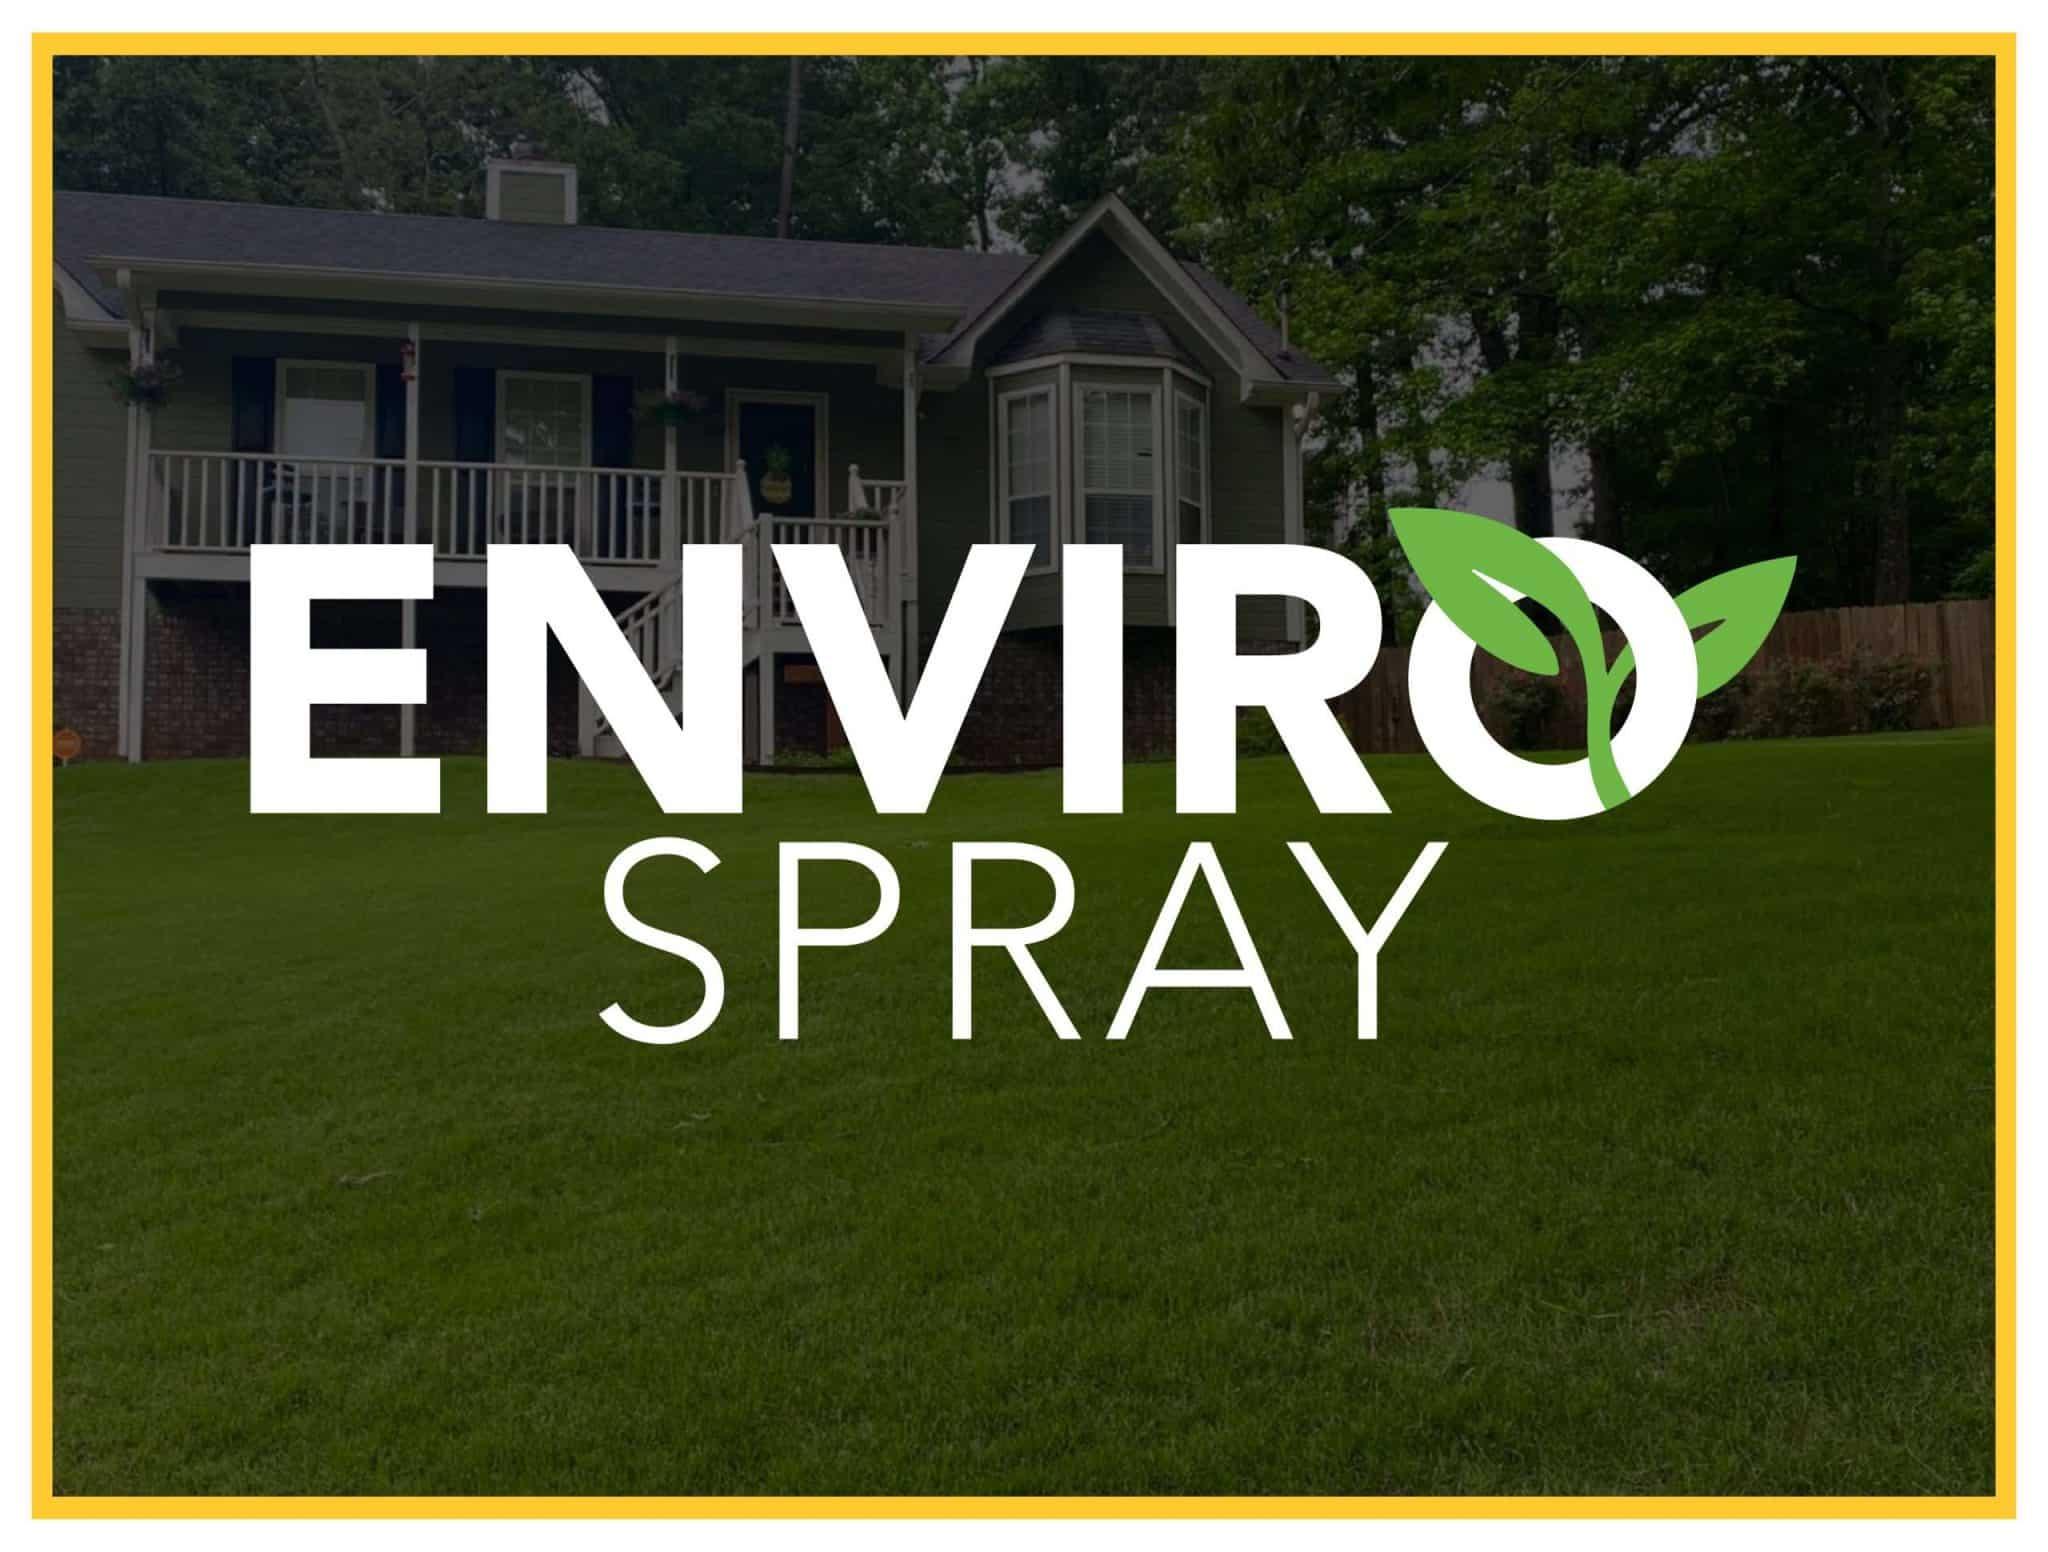 Dotedison_CS_Enviro Spray